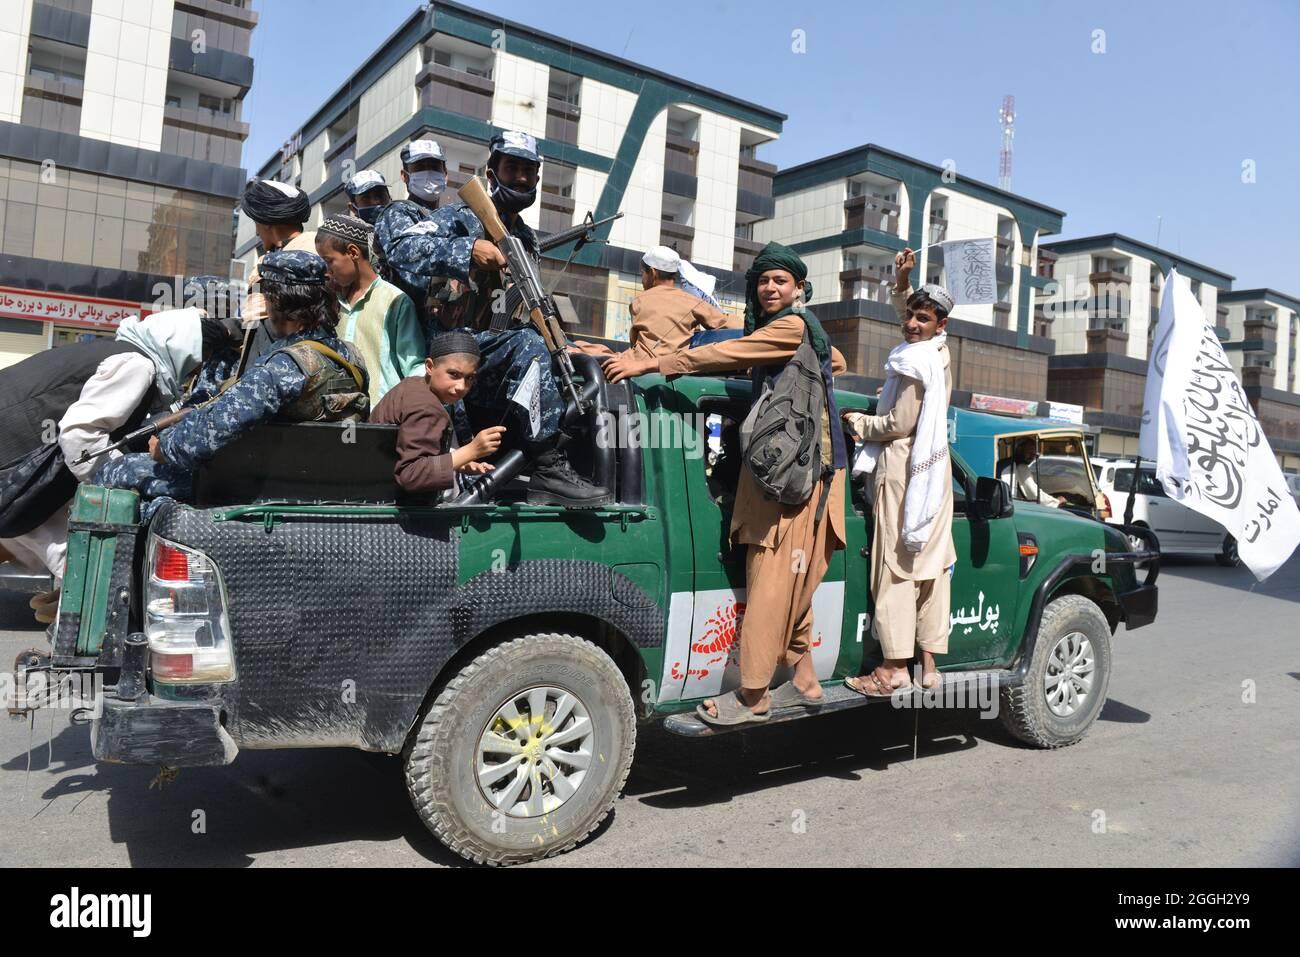 Kandahar Stadt, Süd-Afghanistan. August 2021. Taliban-Kämpfer und ihre Anhänger feierten in ganz Afghanistan mit dem endgültigen Abzug aller US-Truppen. Das Ende der 20-jährigen ausländischen Militärpräsenz. Stockfoto